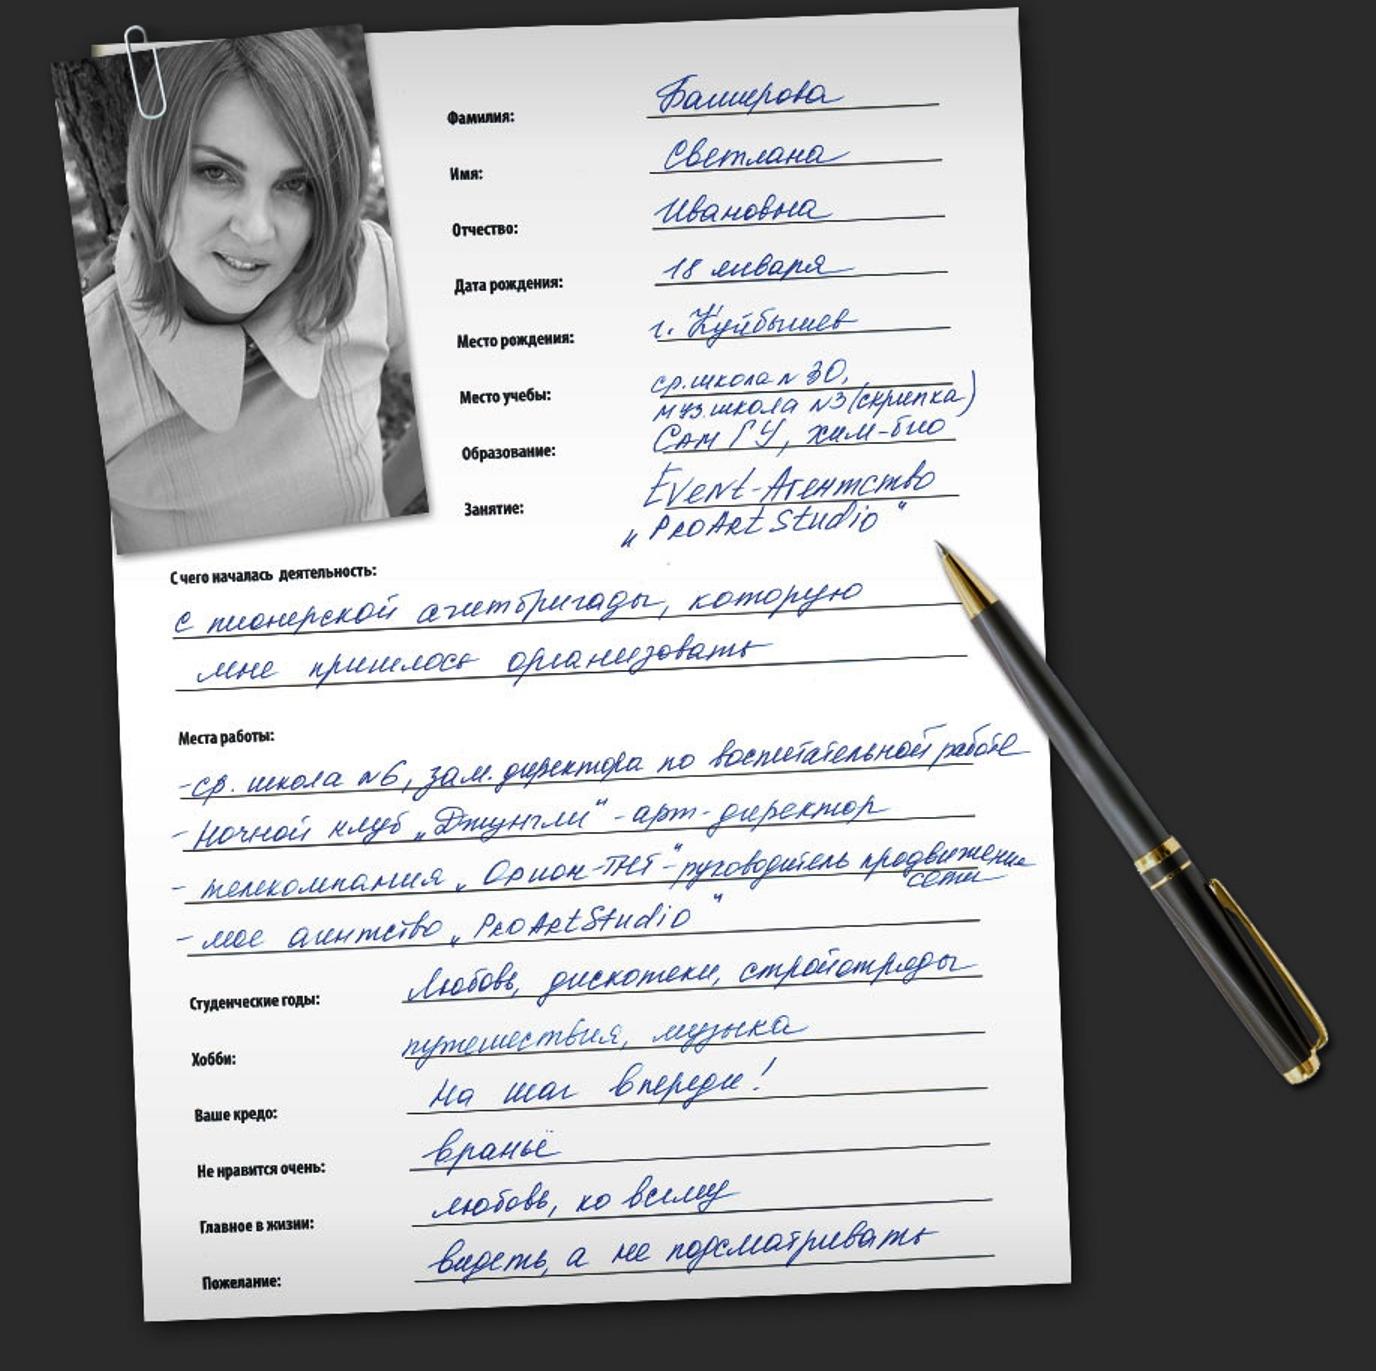 Як правильно зробити резюме на роботу в казино Казино Красноярськ